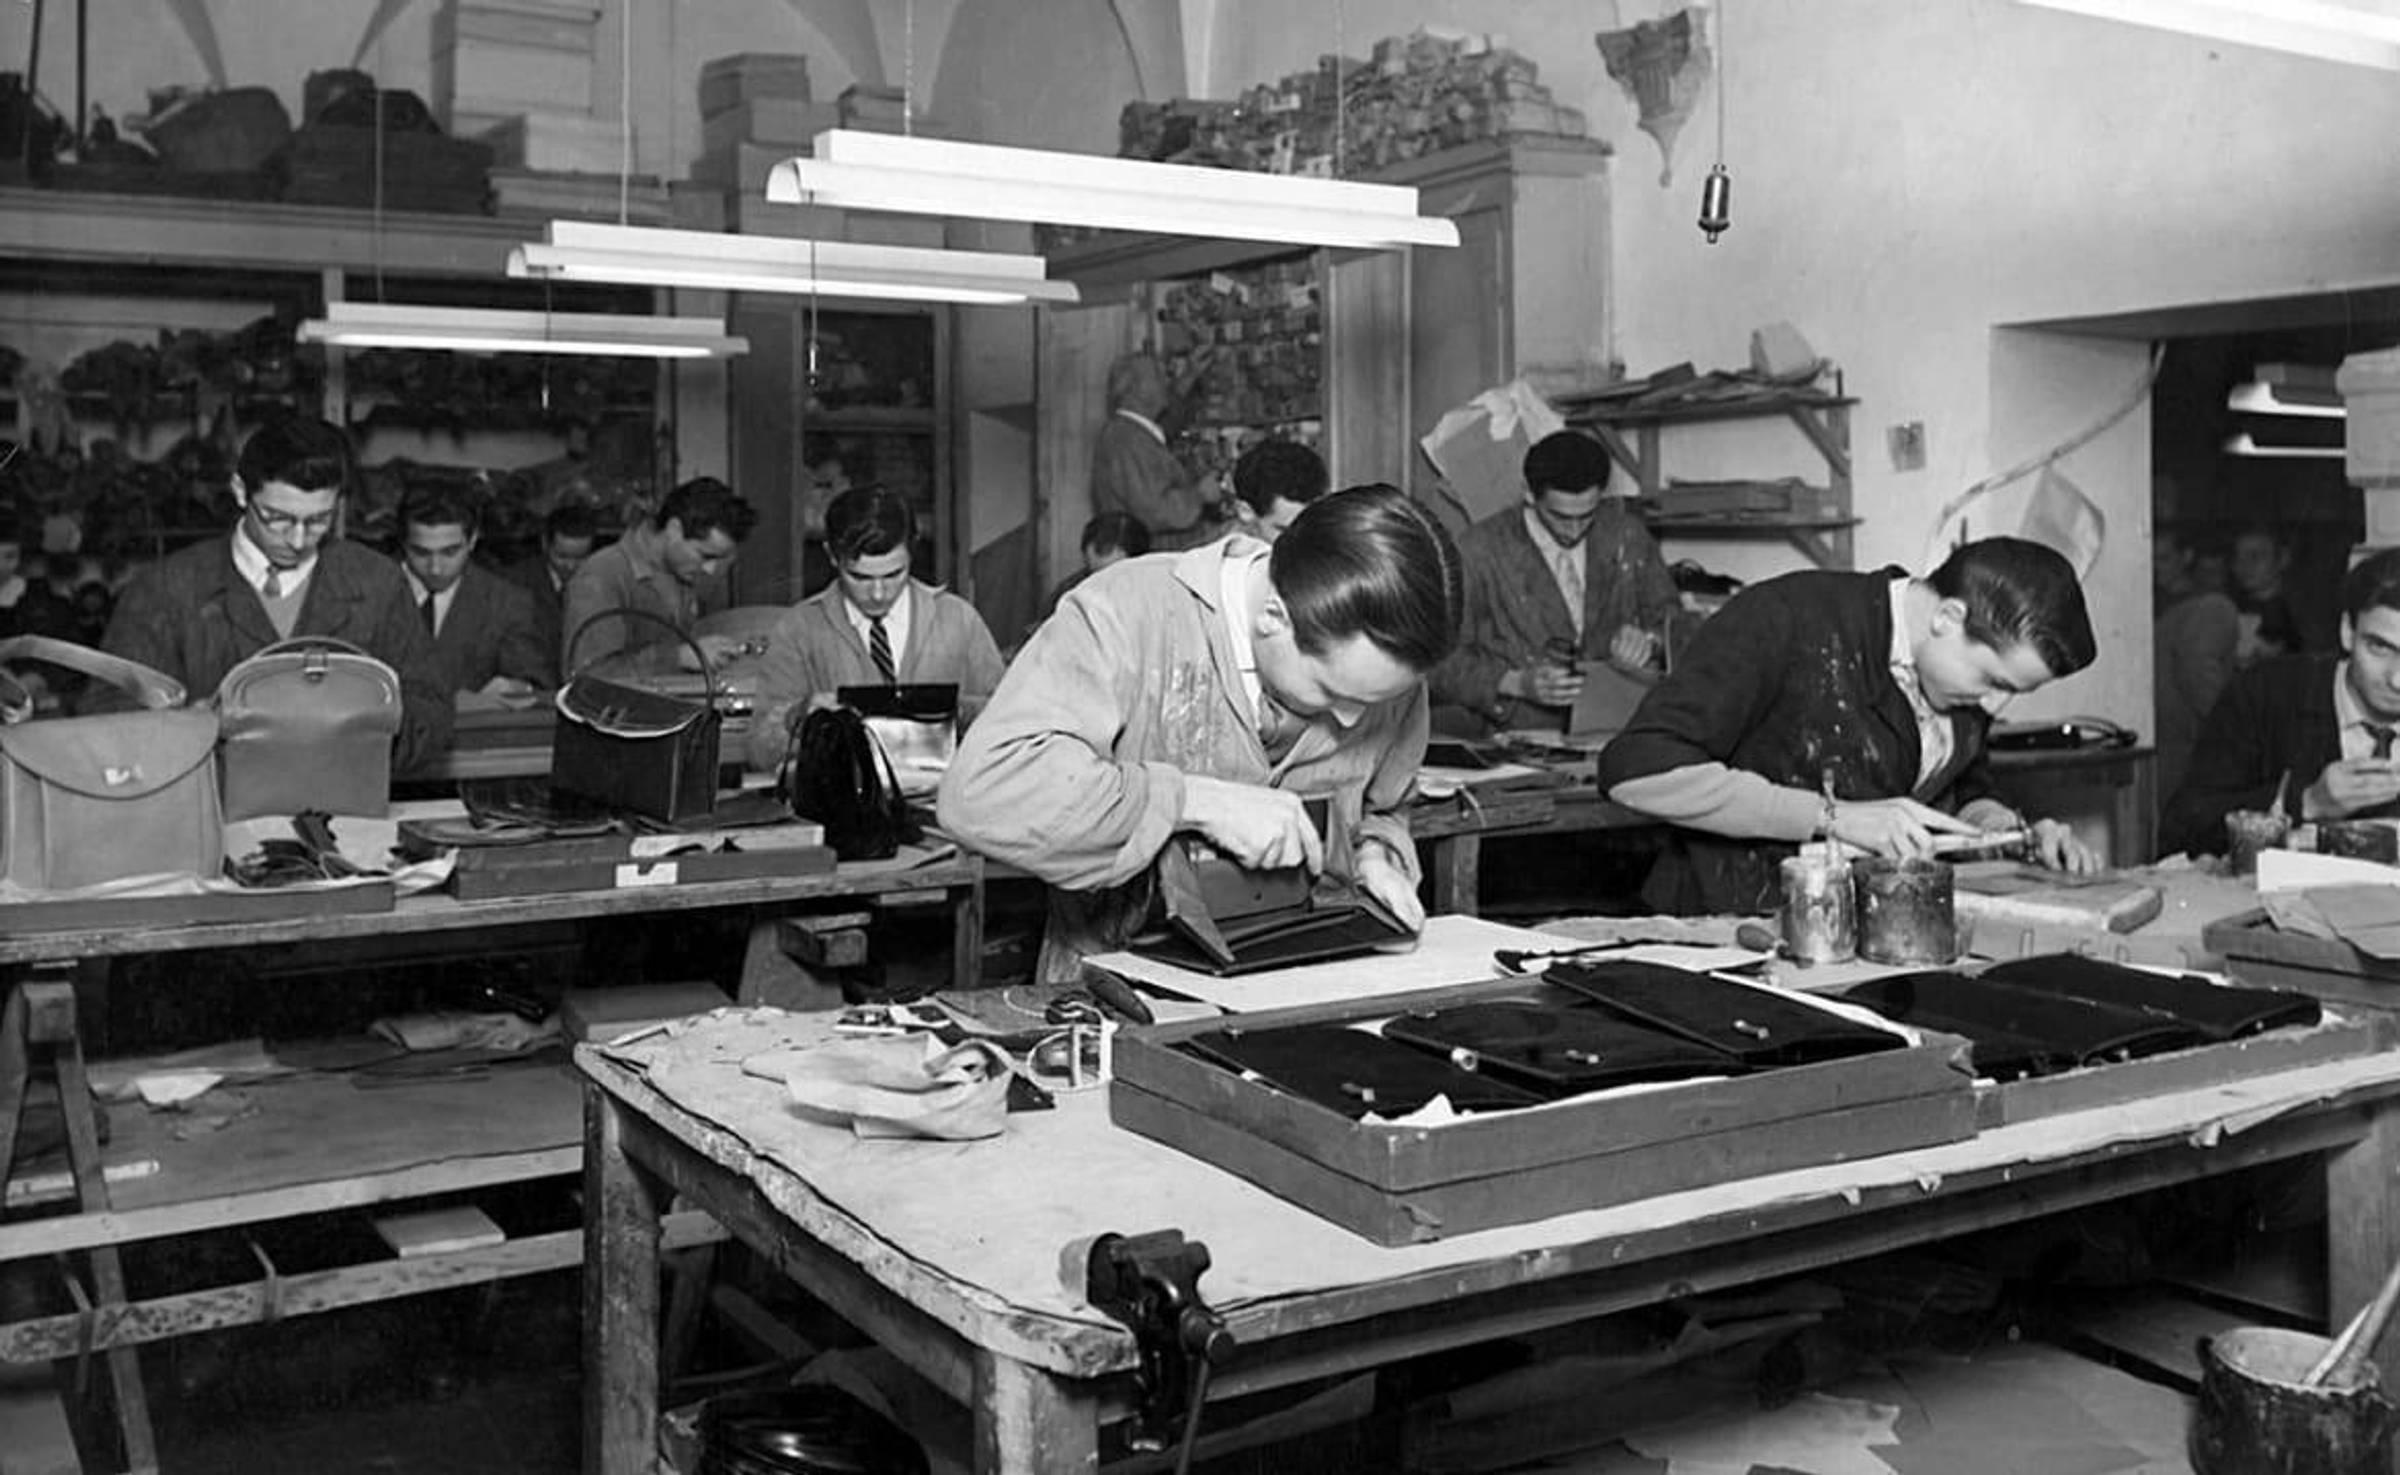 The original Florentine Gucci atelier, opened by Guccio Gucci (c. 1920s)